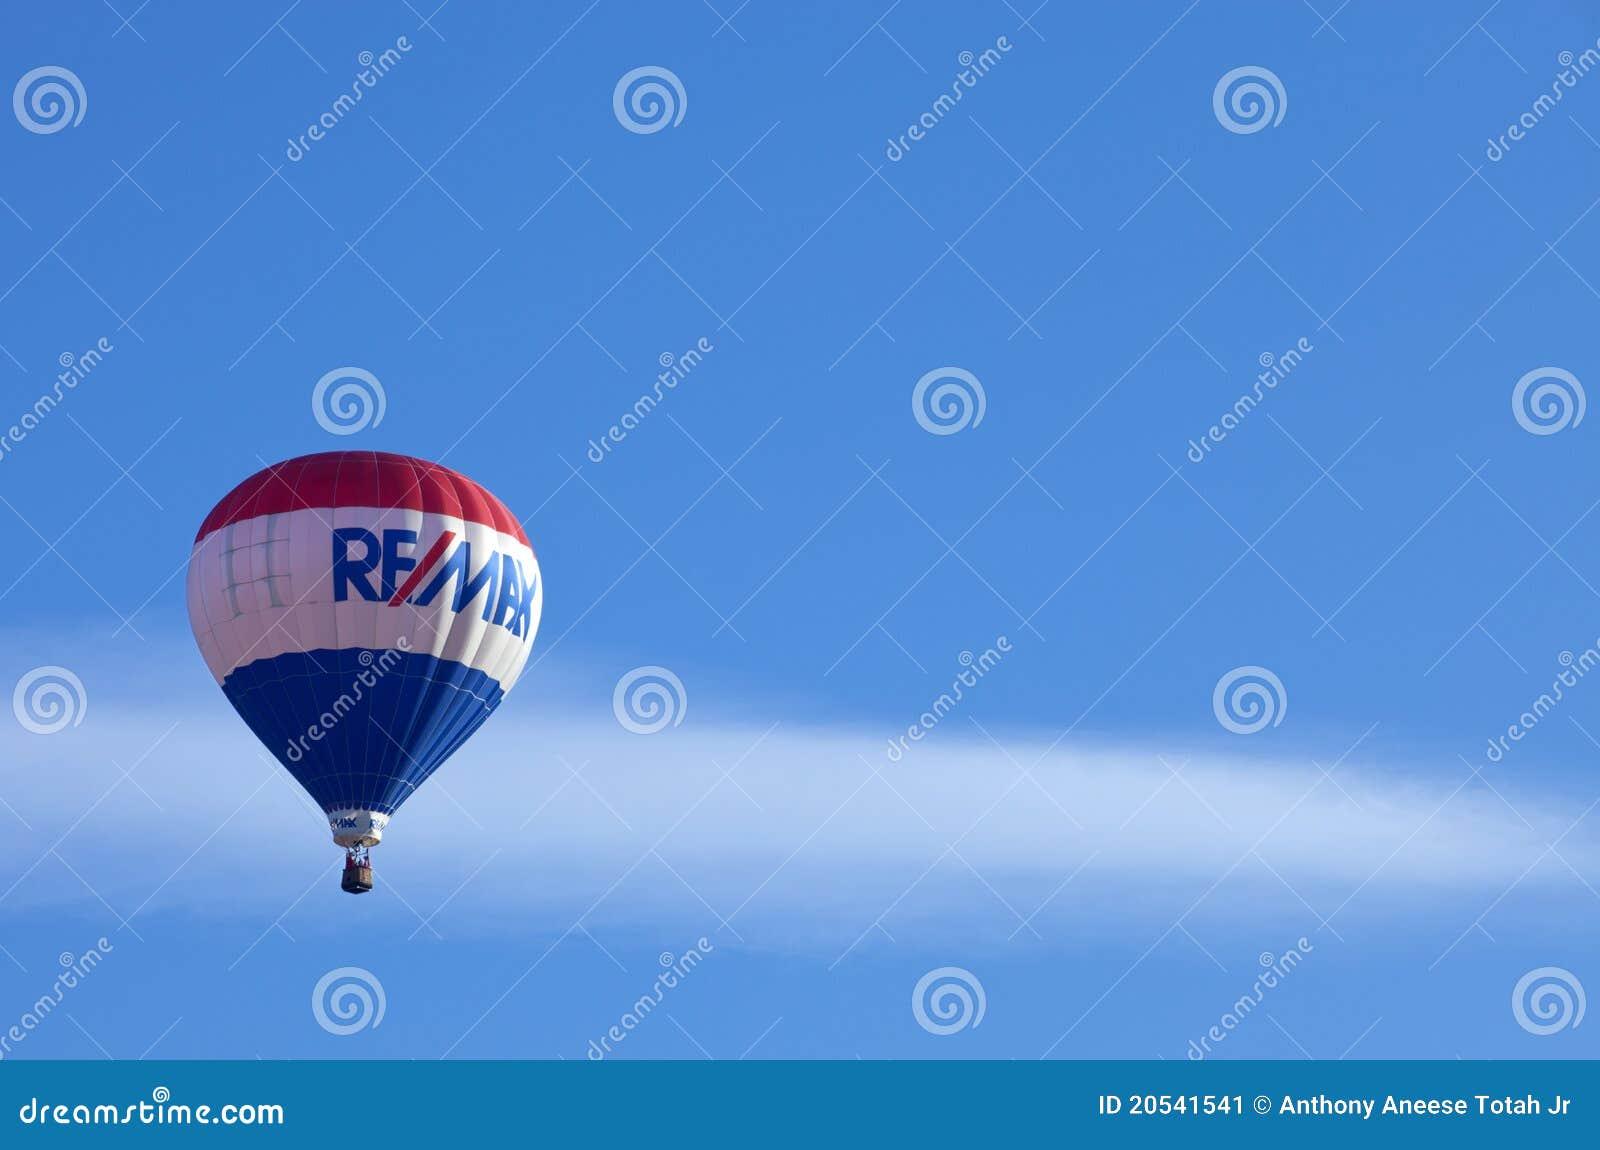 Aerostati di aria calda di ReMax